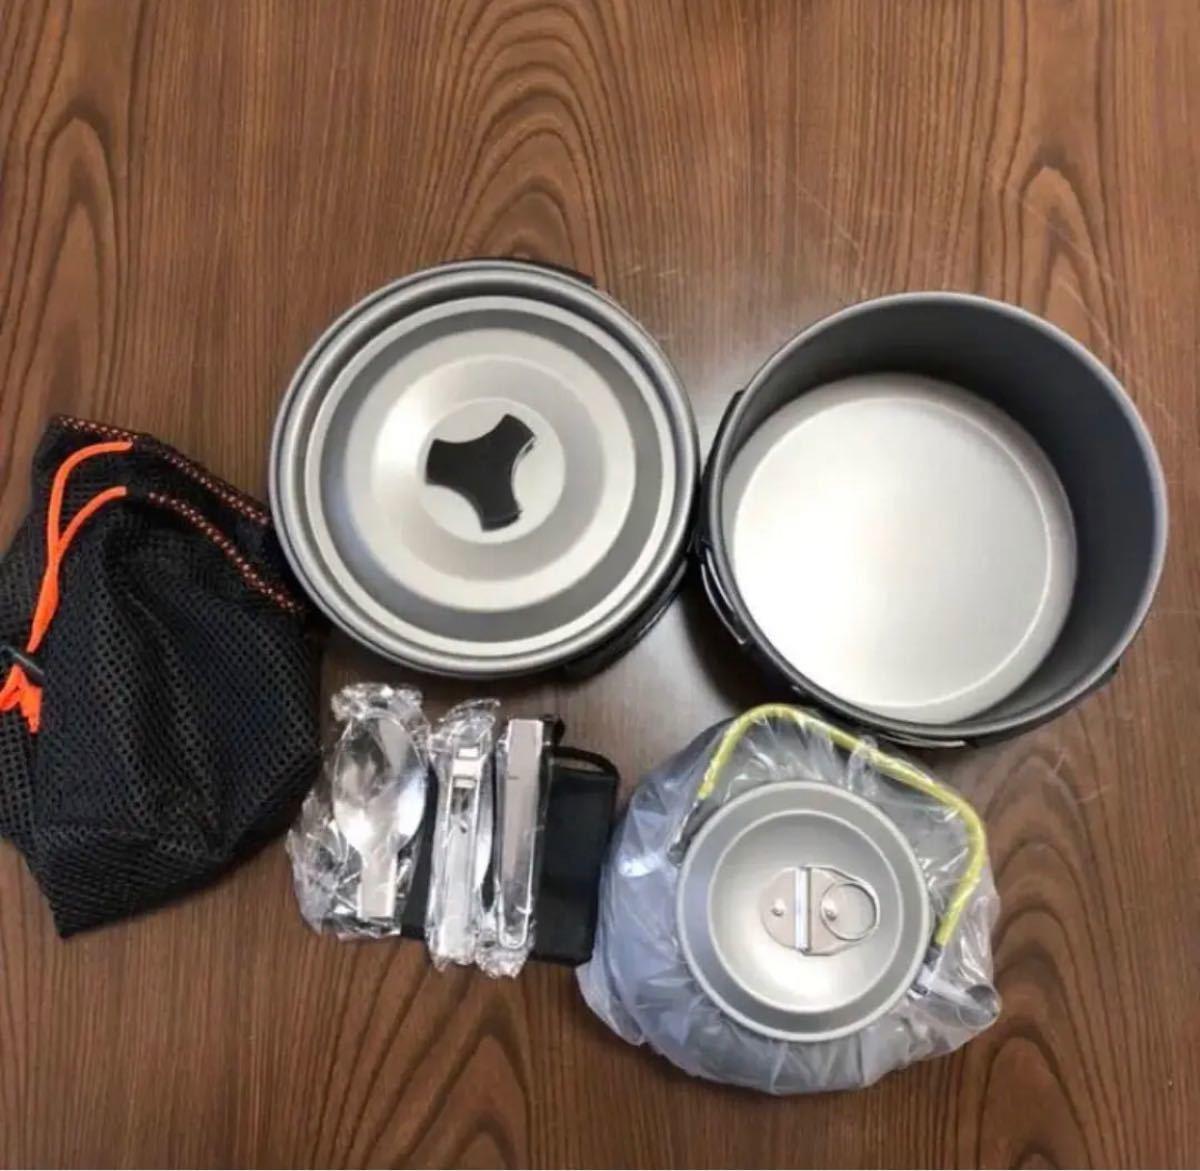 アウトドア調理器具 クッカーセット 新品